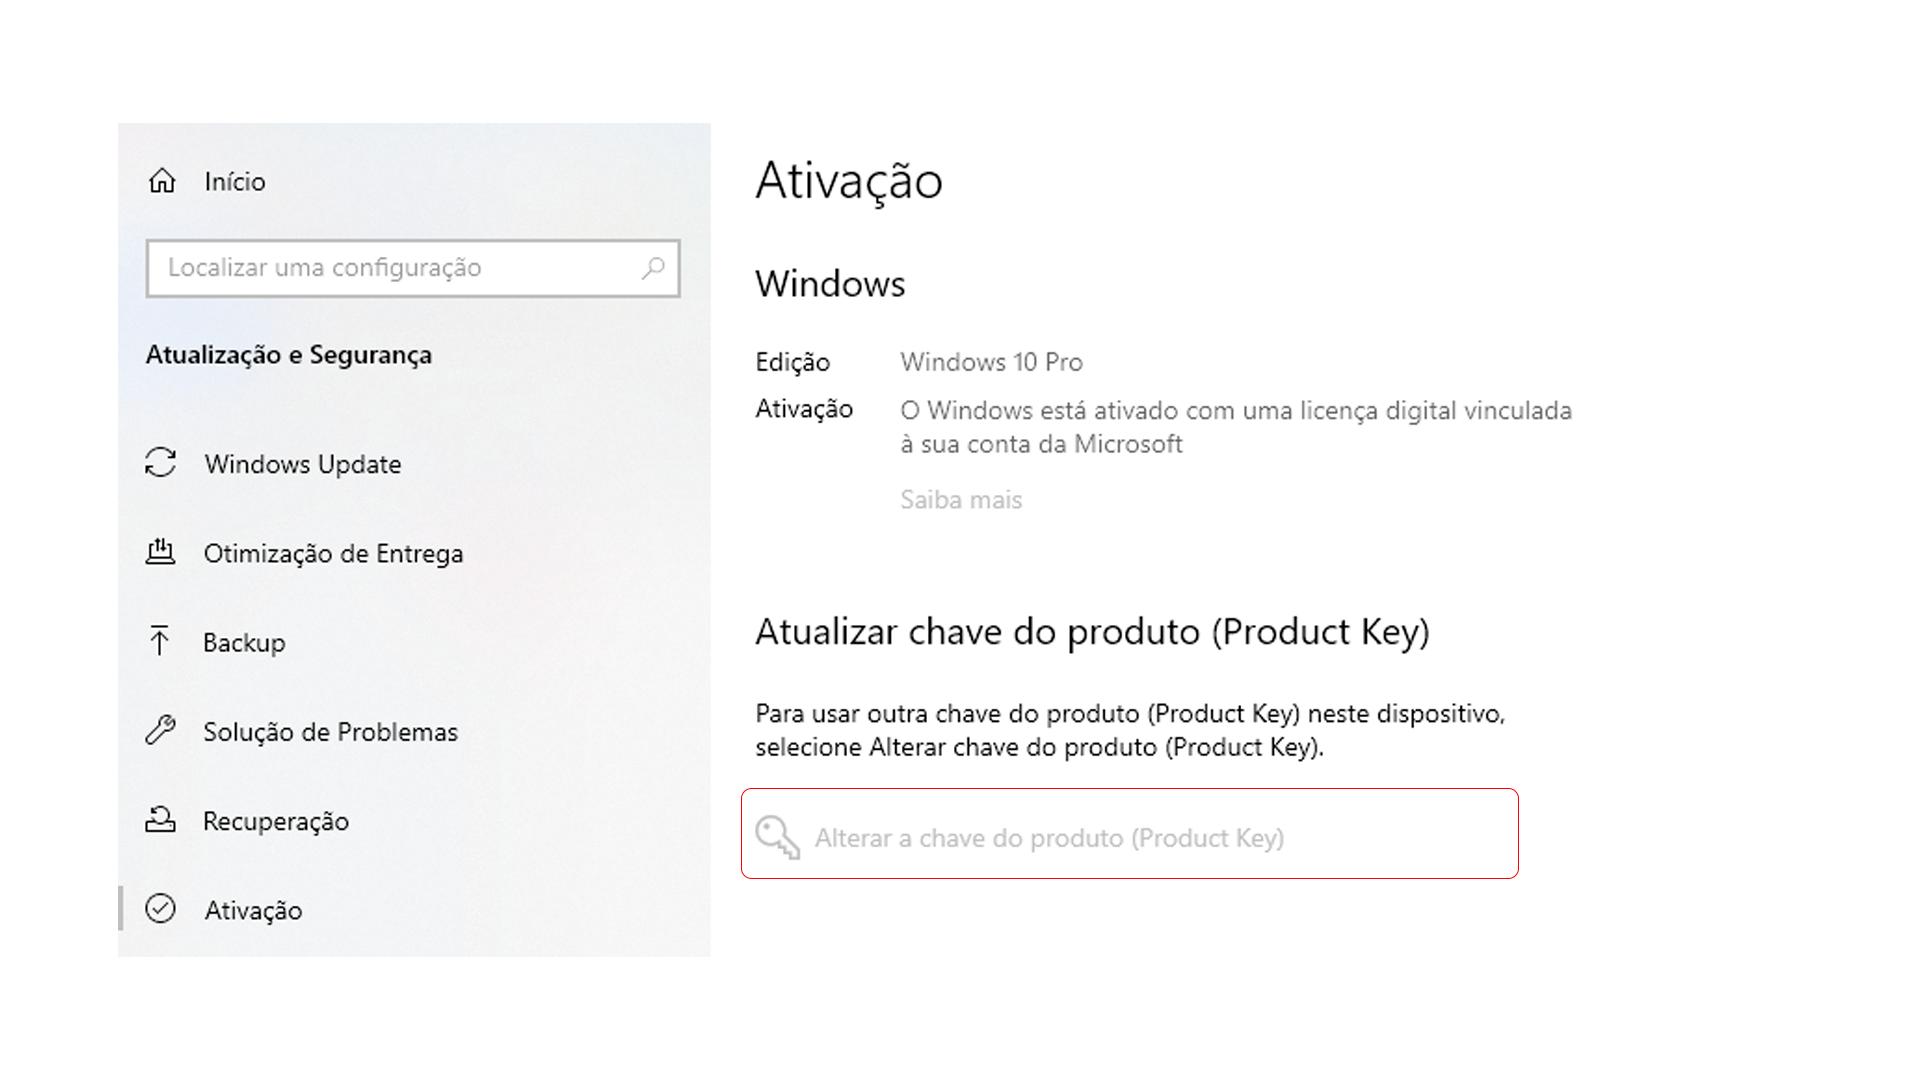 """Clique sobre """"Alterar a chave do produto (Product Key)"""" para inserir a nova chave (Foto/Hugo Iwaasa)"""